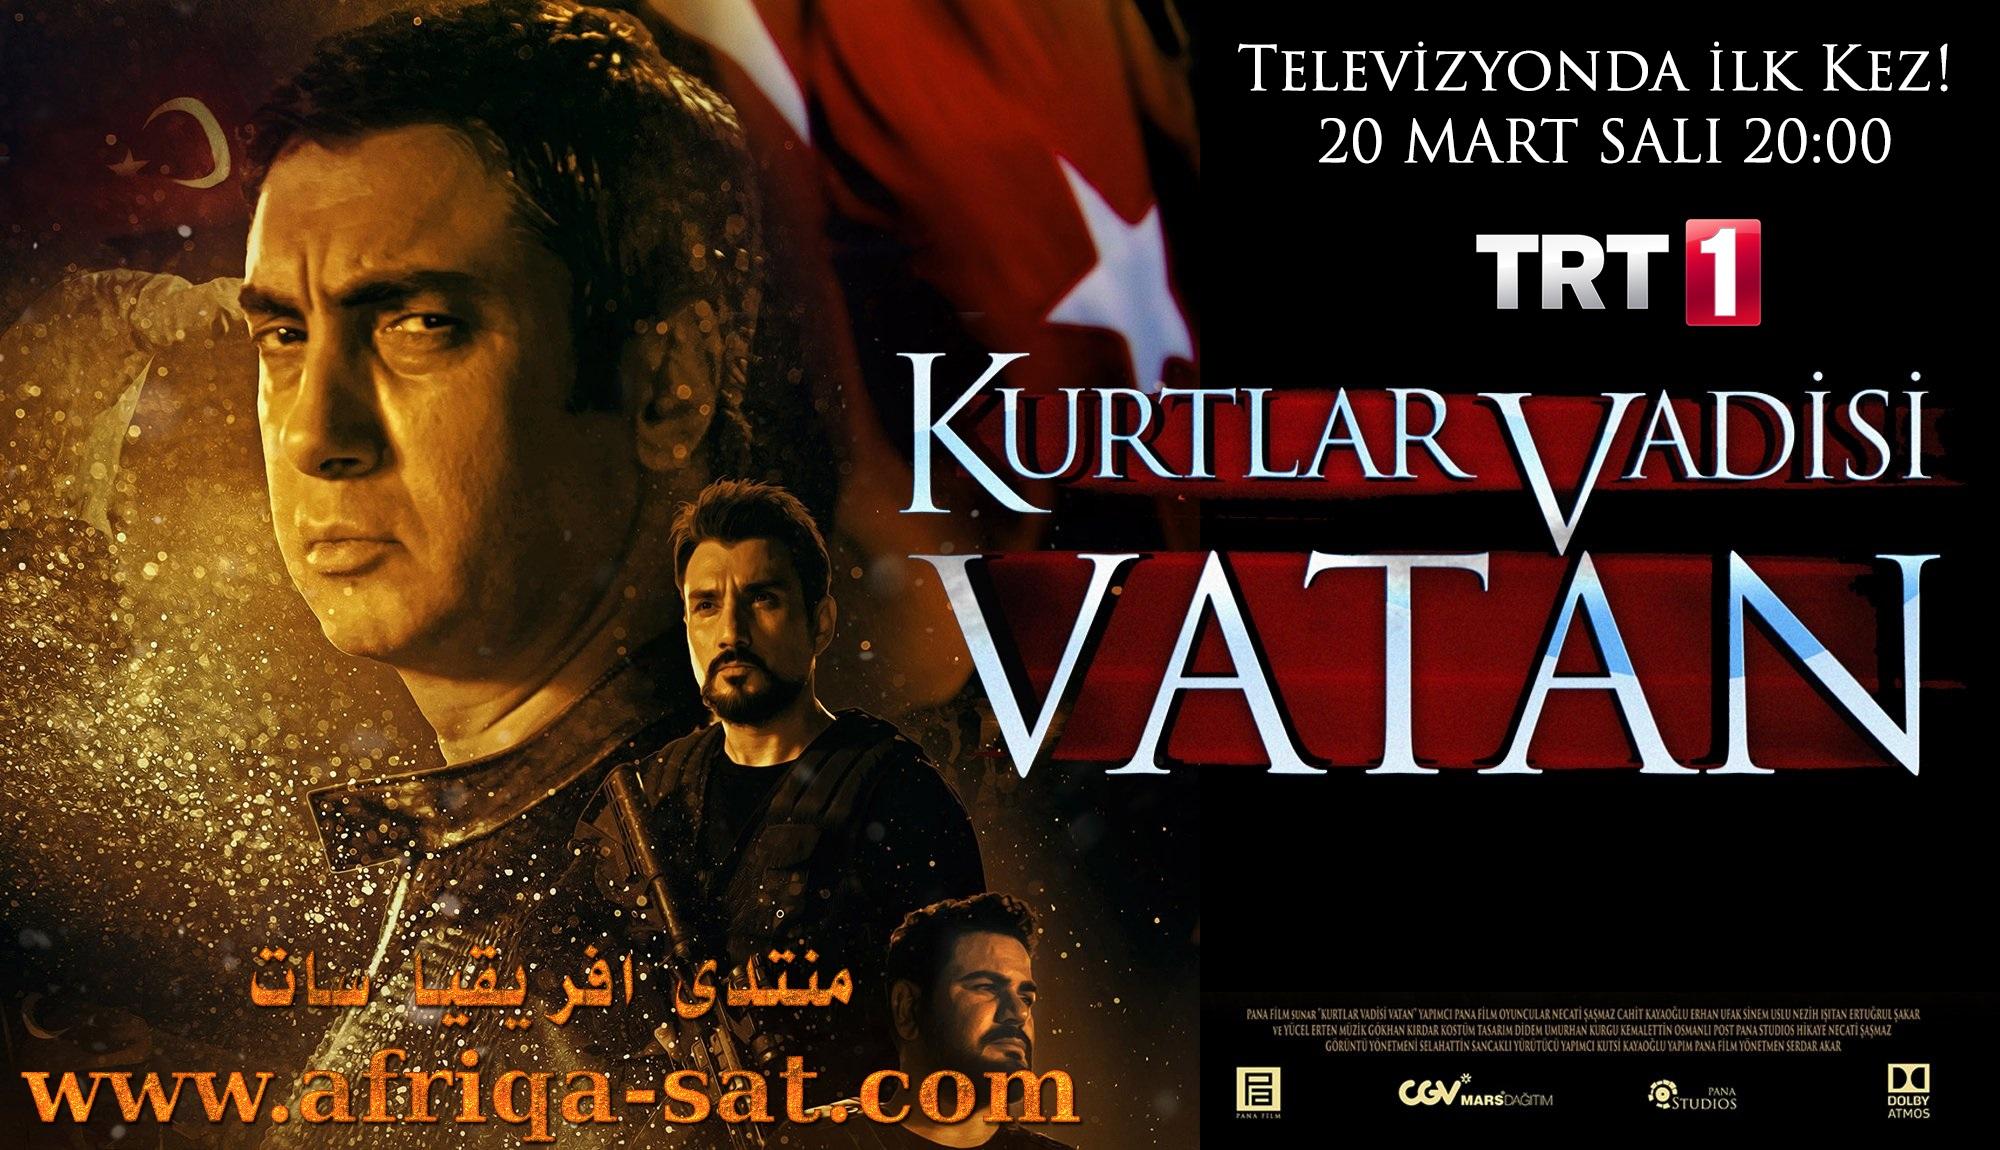 فيلم وادي الدئاب الوطن Kurtlar